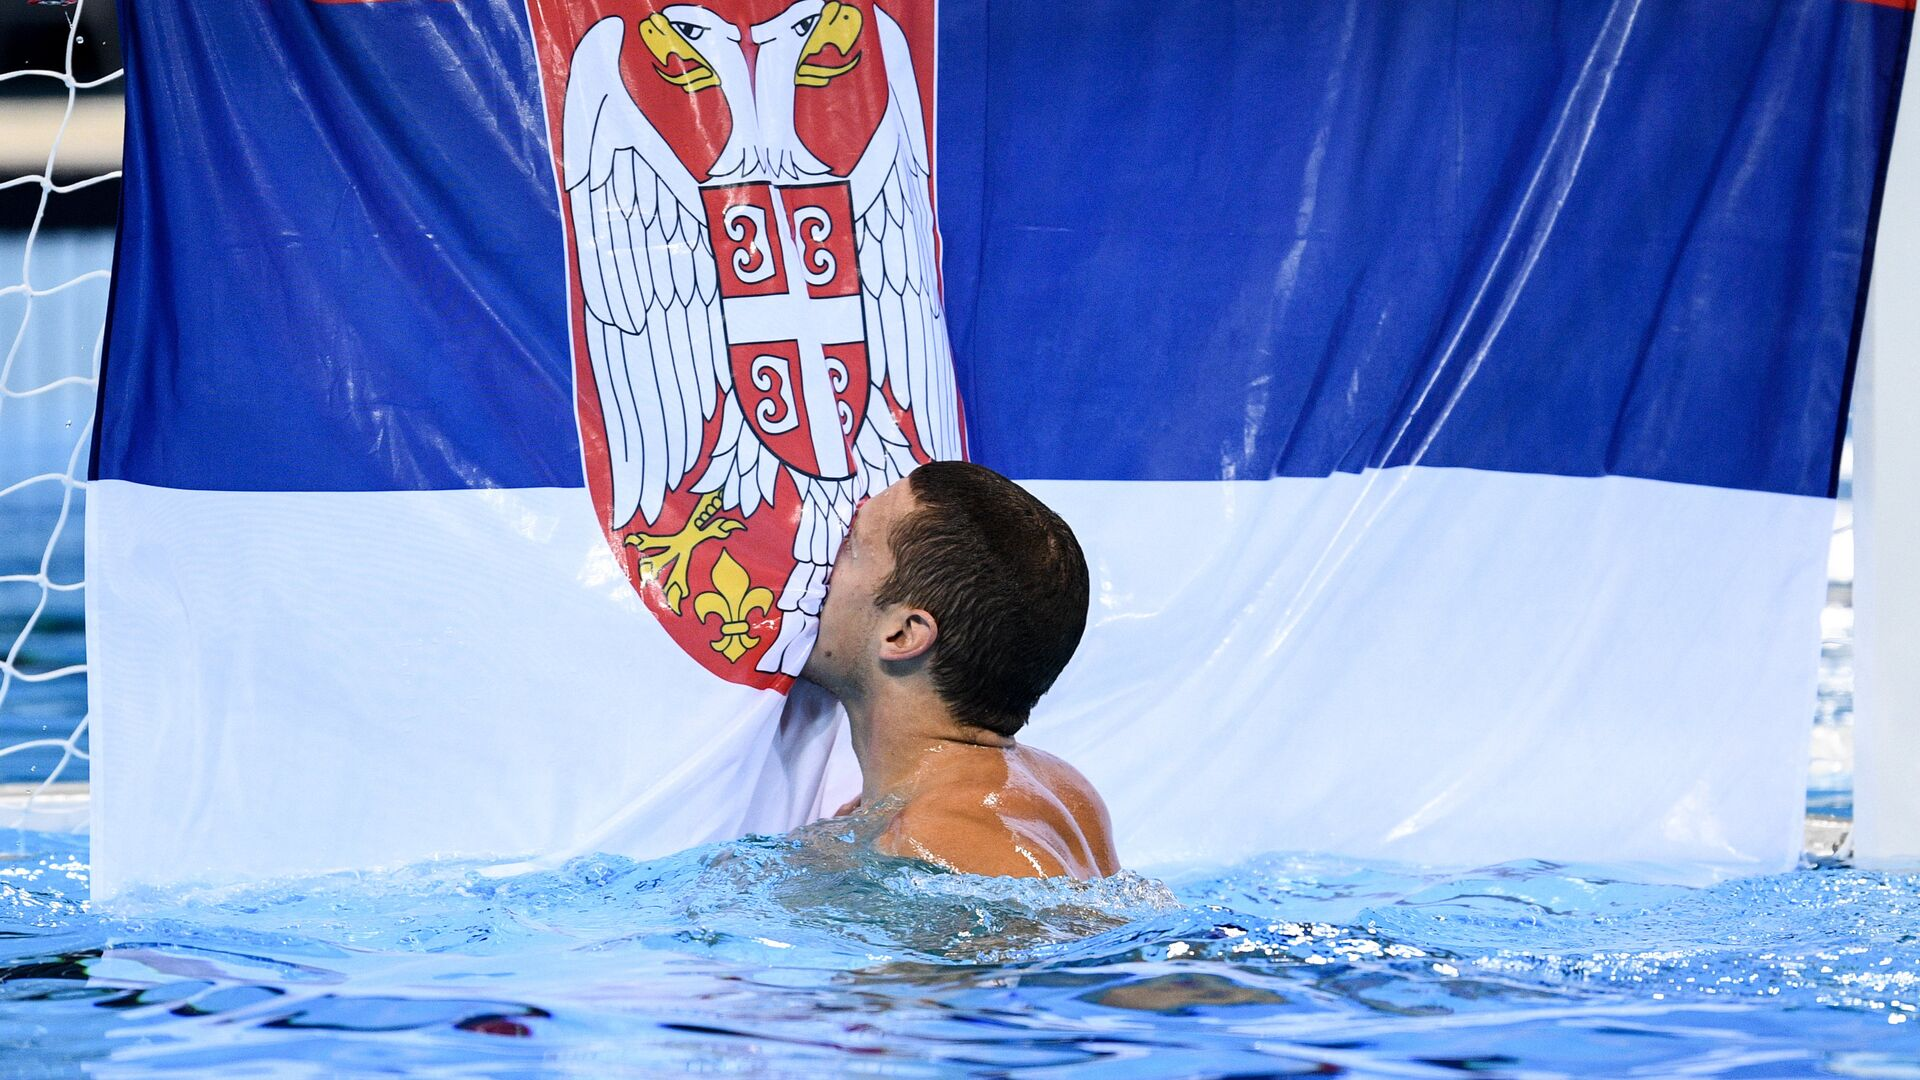 Stefan Mitrović u Riju, posle pobede u finalu sa Hrvatskom. - Sputnik Srbija, 1920, 19.07.2021